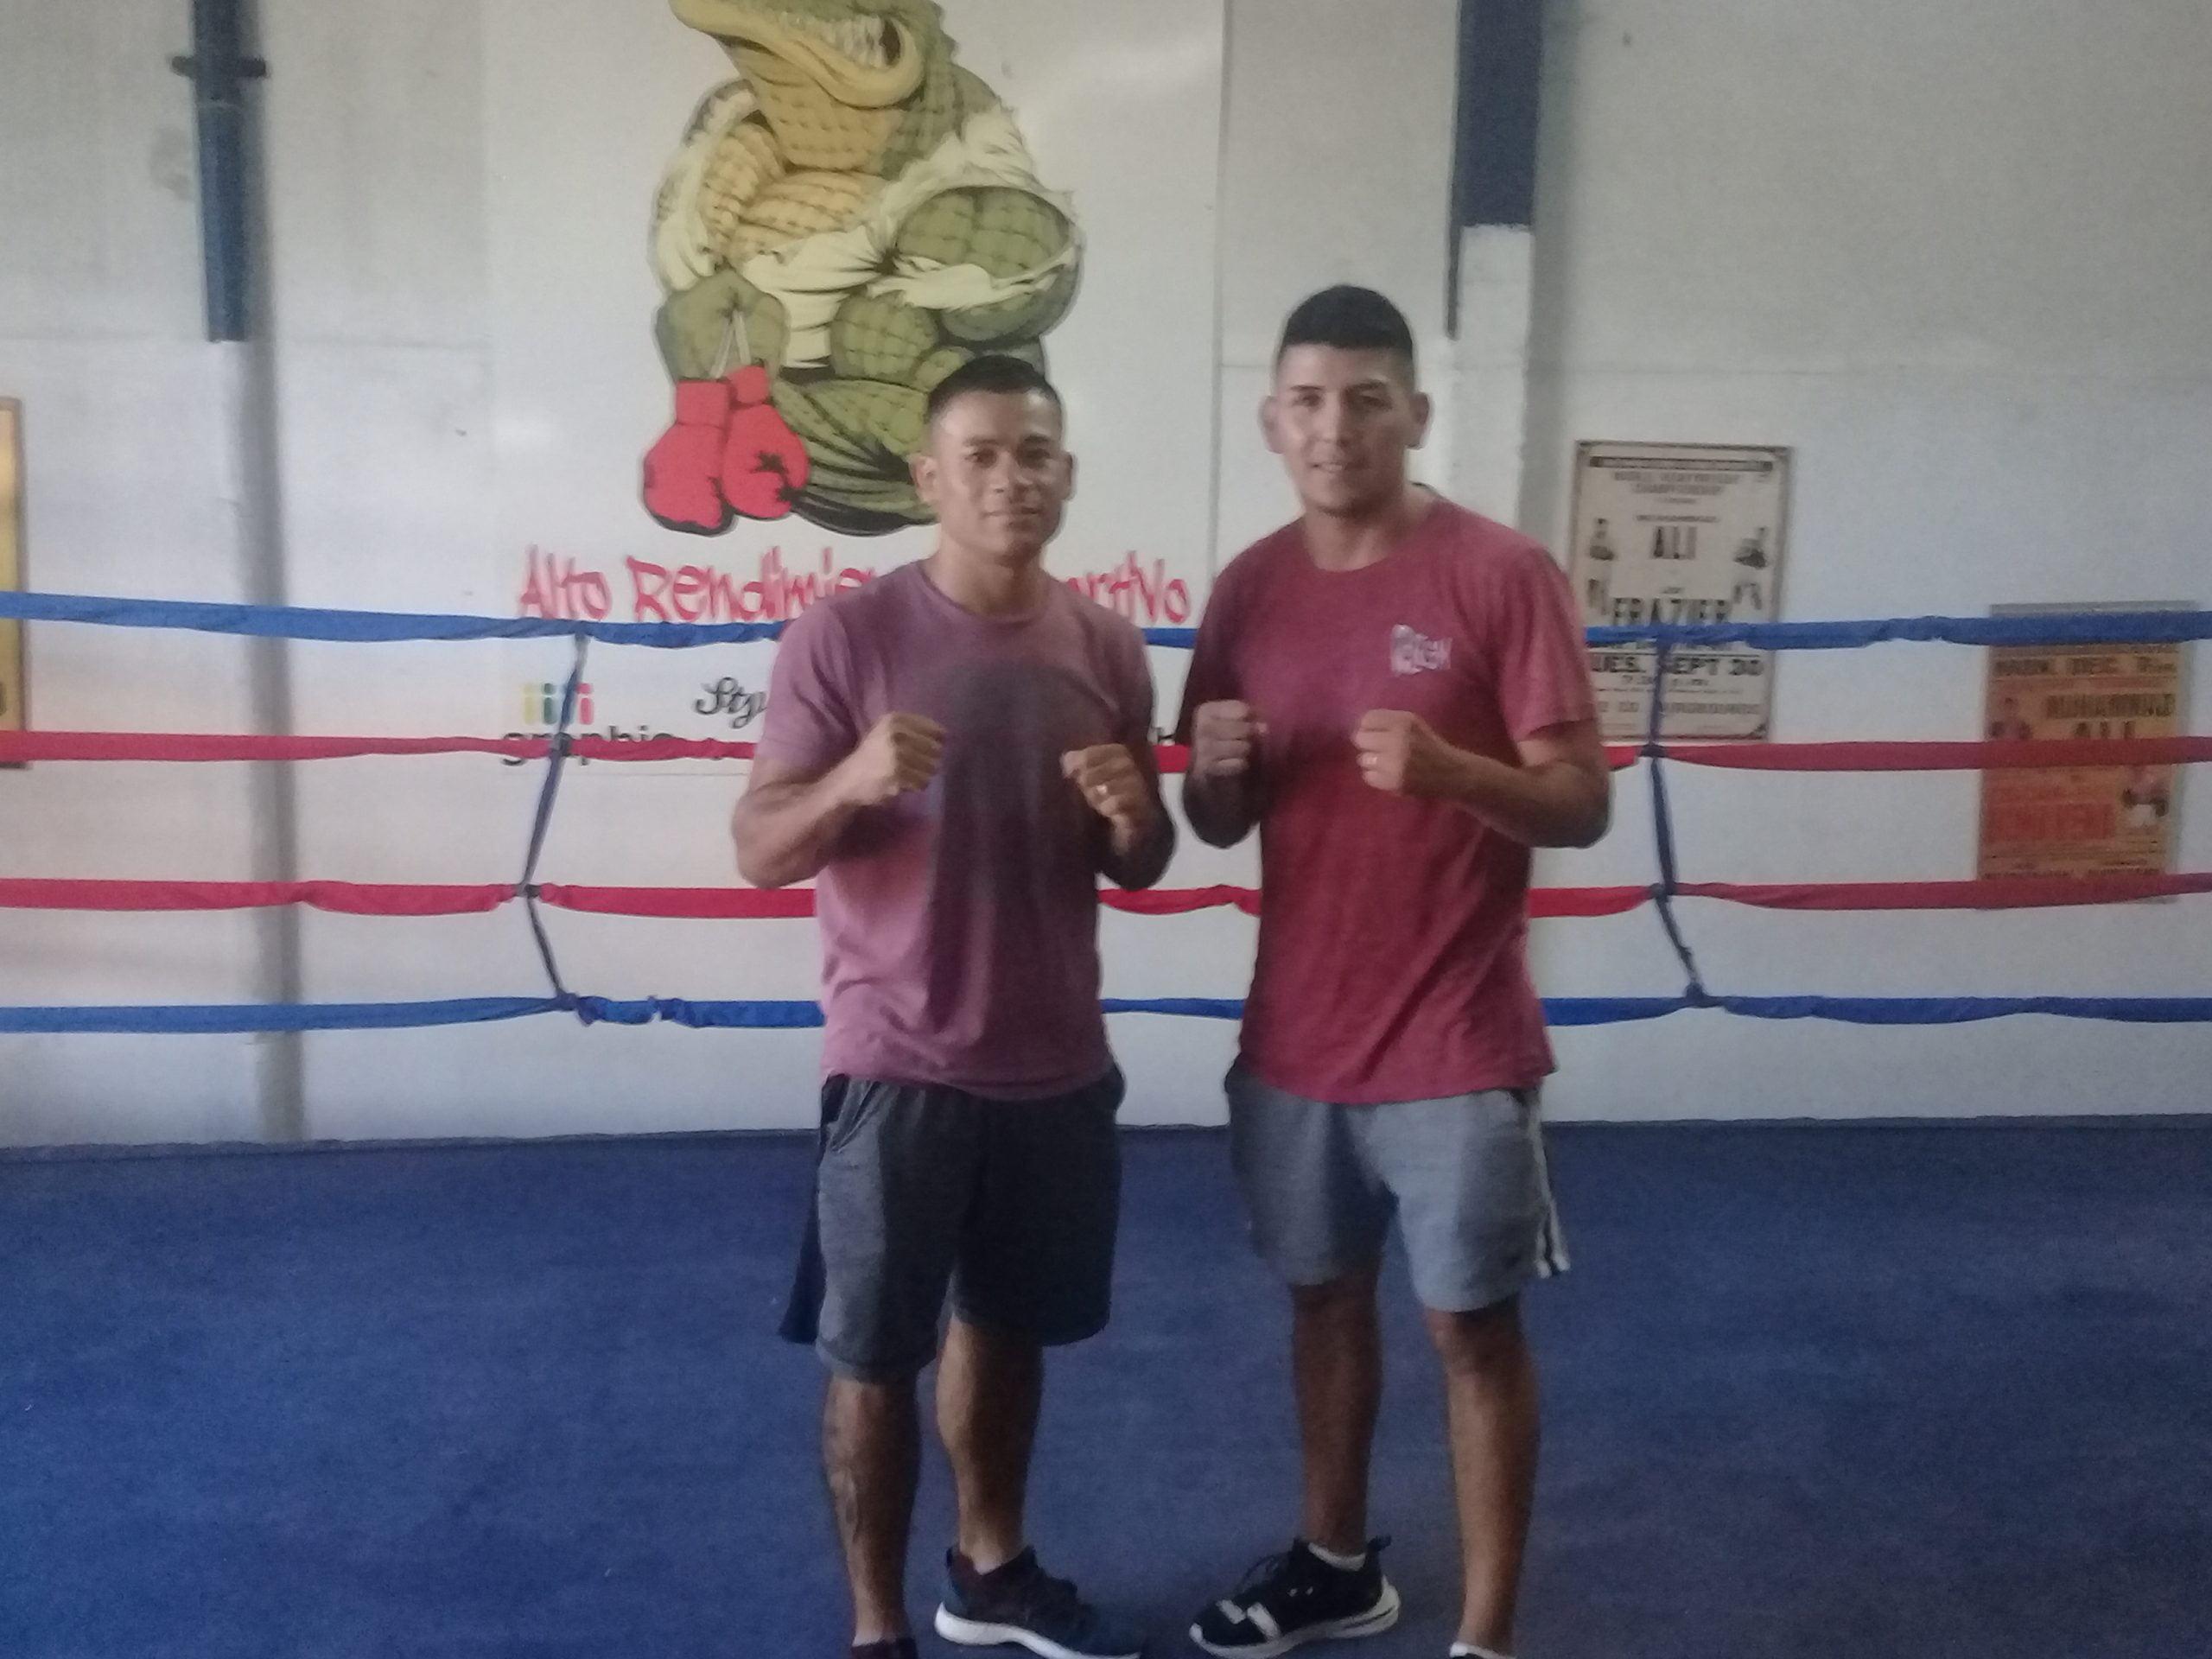 Germán Benitez y Hector Paiva comentaron sus sensaciones luego de la jornada de boxeo en el microestadio